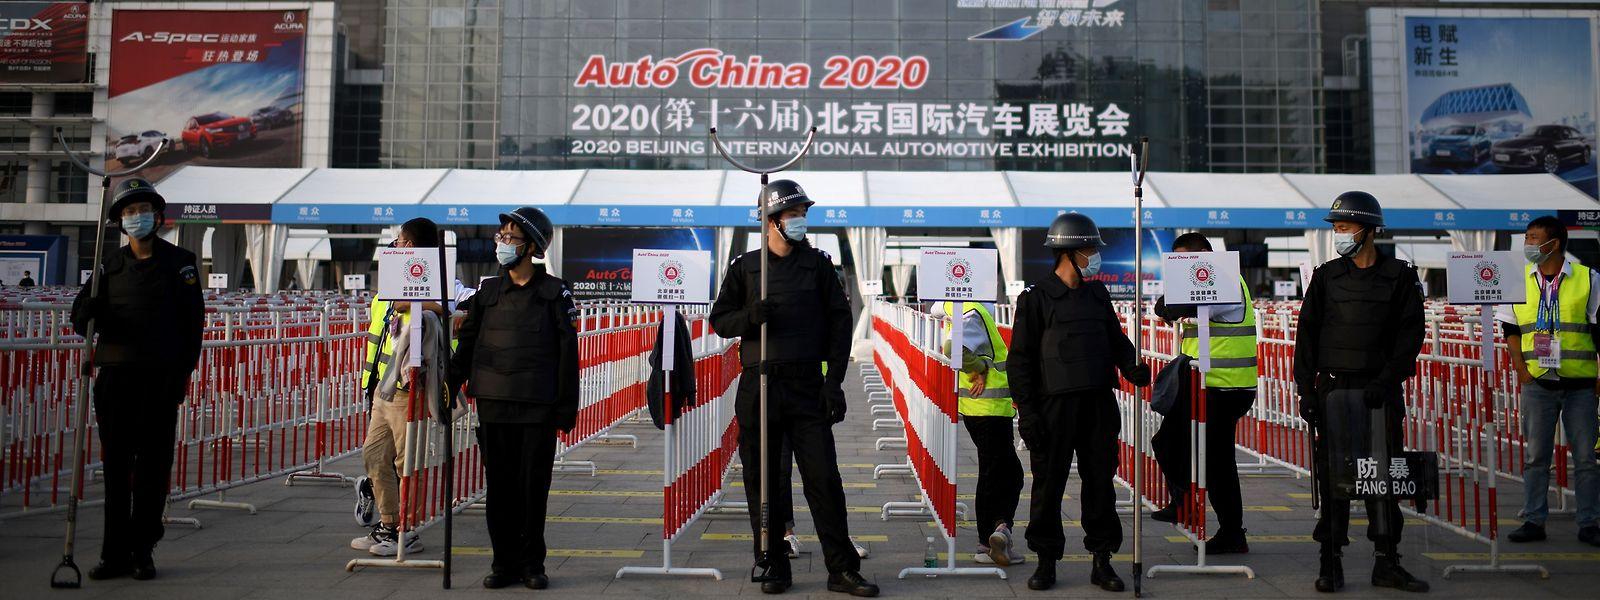 Die Auto China ist die erste große Ausstellung der Branche seit Ausbruchs der Pandemie.